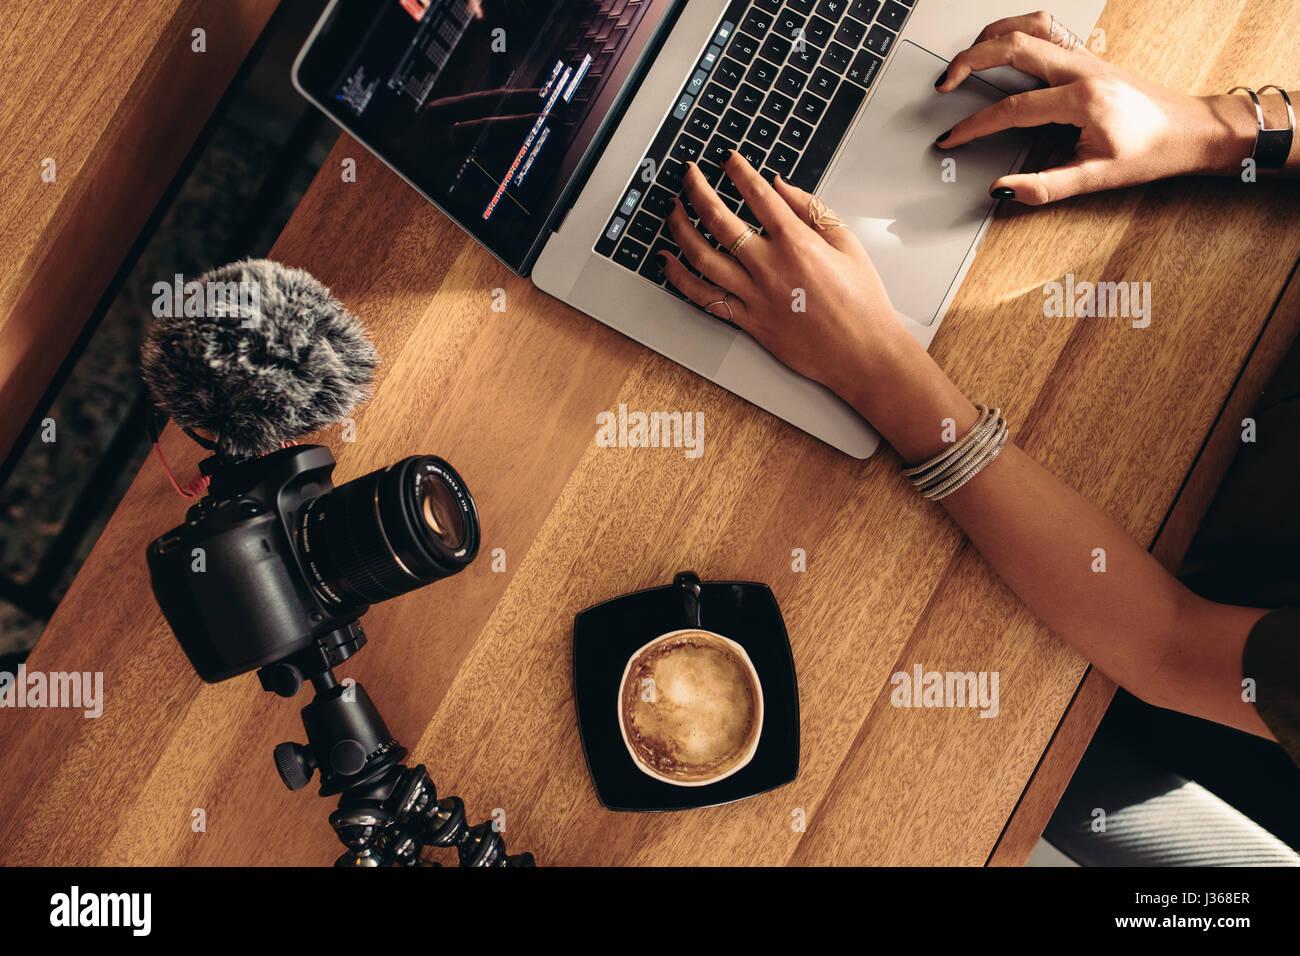 Vista superiore del vlogger femmina per editing video sul computer portatile. Giovane donna che lavorano su computer Immagini Stock